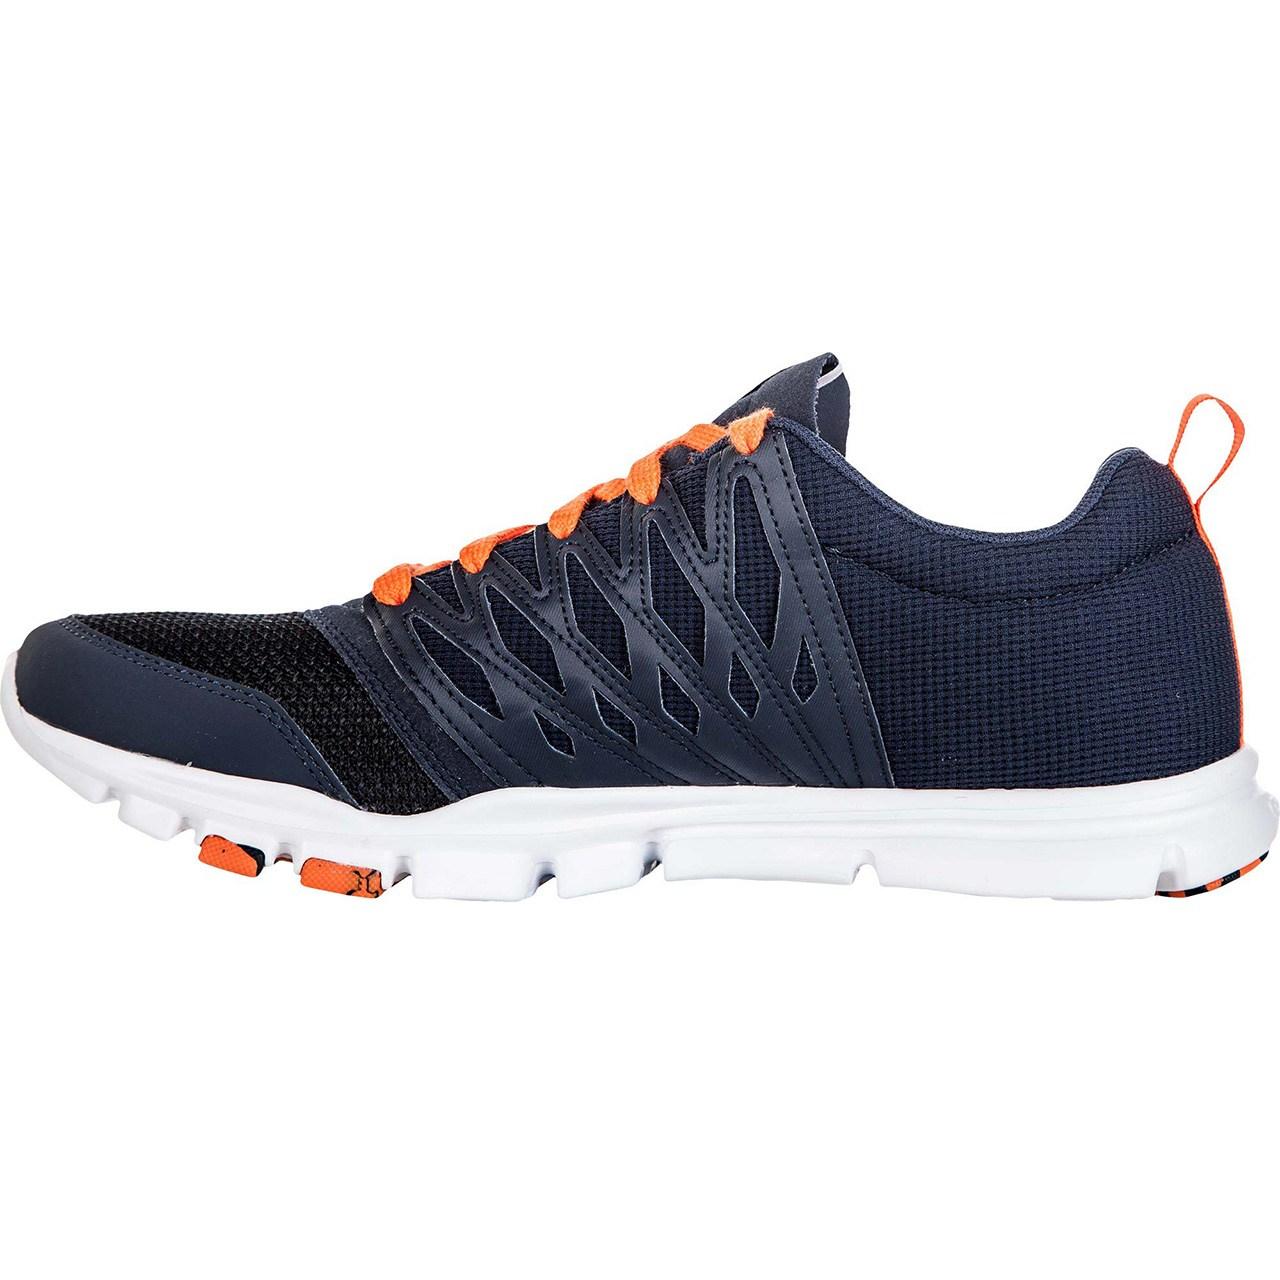 کفش مخصوص دویدن مردانه ریباک مدل Yourflex Train Rs 5.0 کد M47874